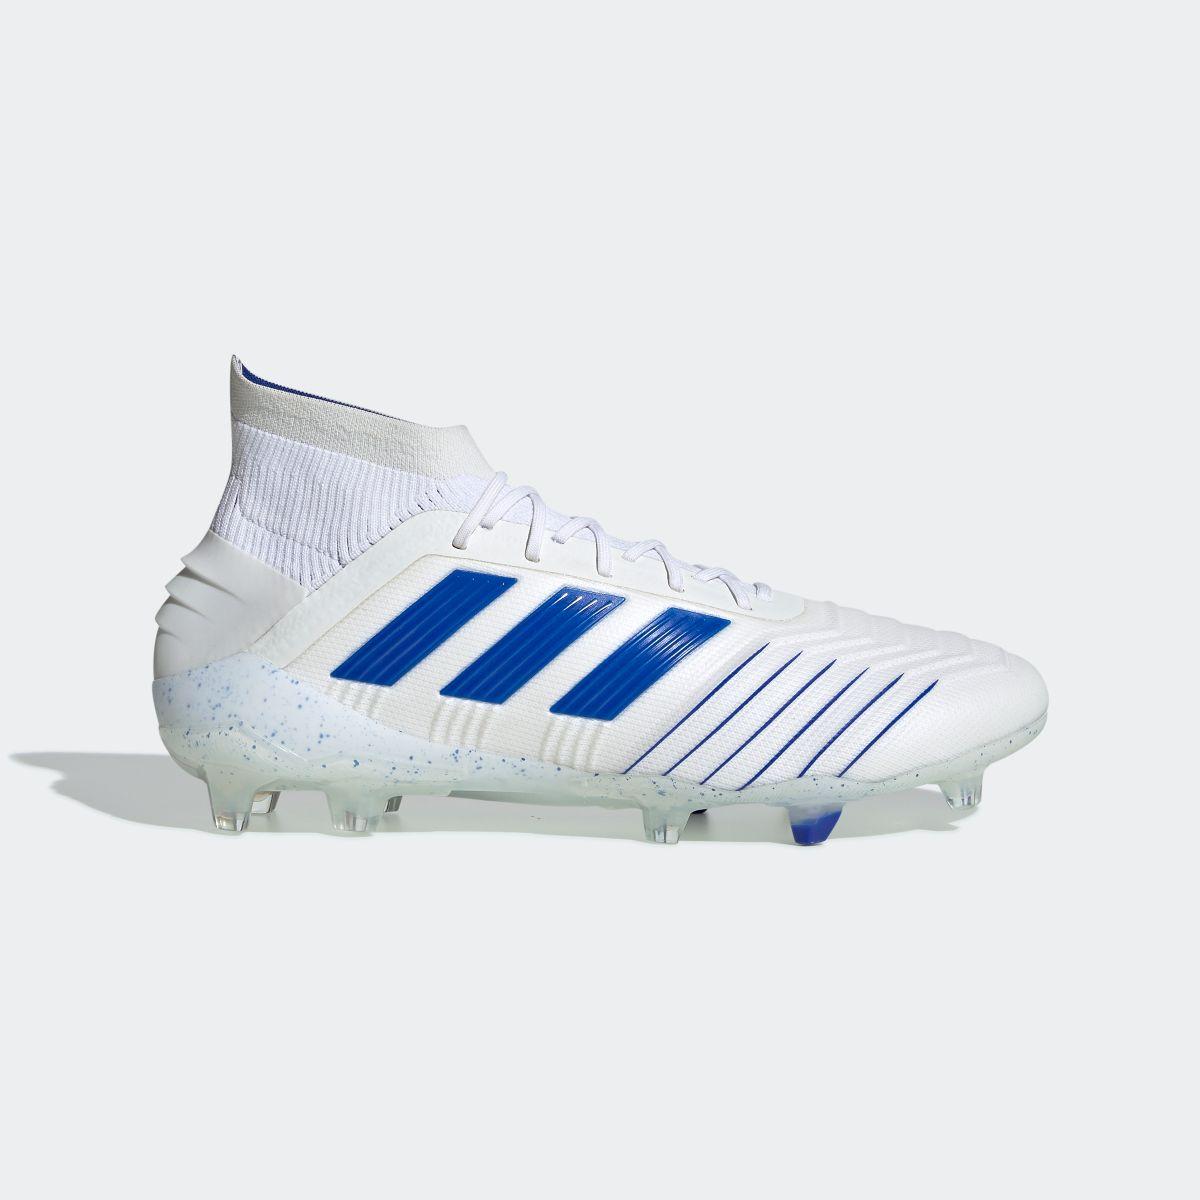 【公式】アディダス adidas プレデター 19.1 FG/AG 【天然芝用/人工芝用】 メンズ BC0550 サッカー シューズ スパイク